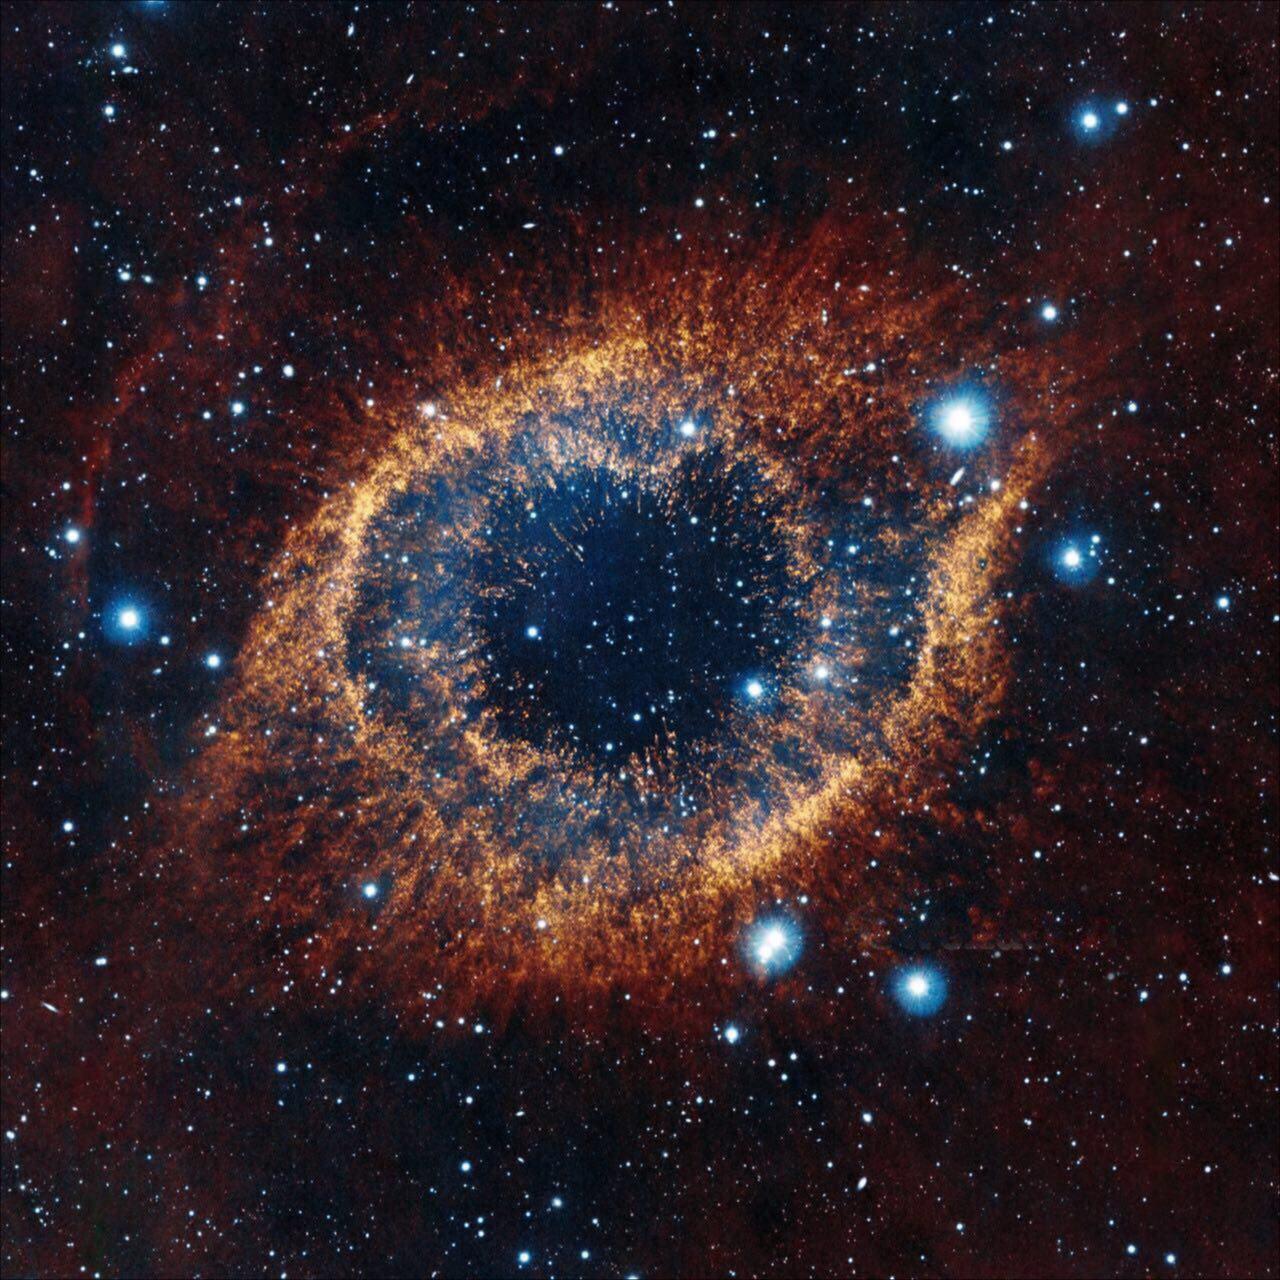 سحابی معروف به چشم خدا